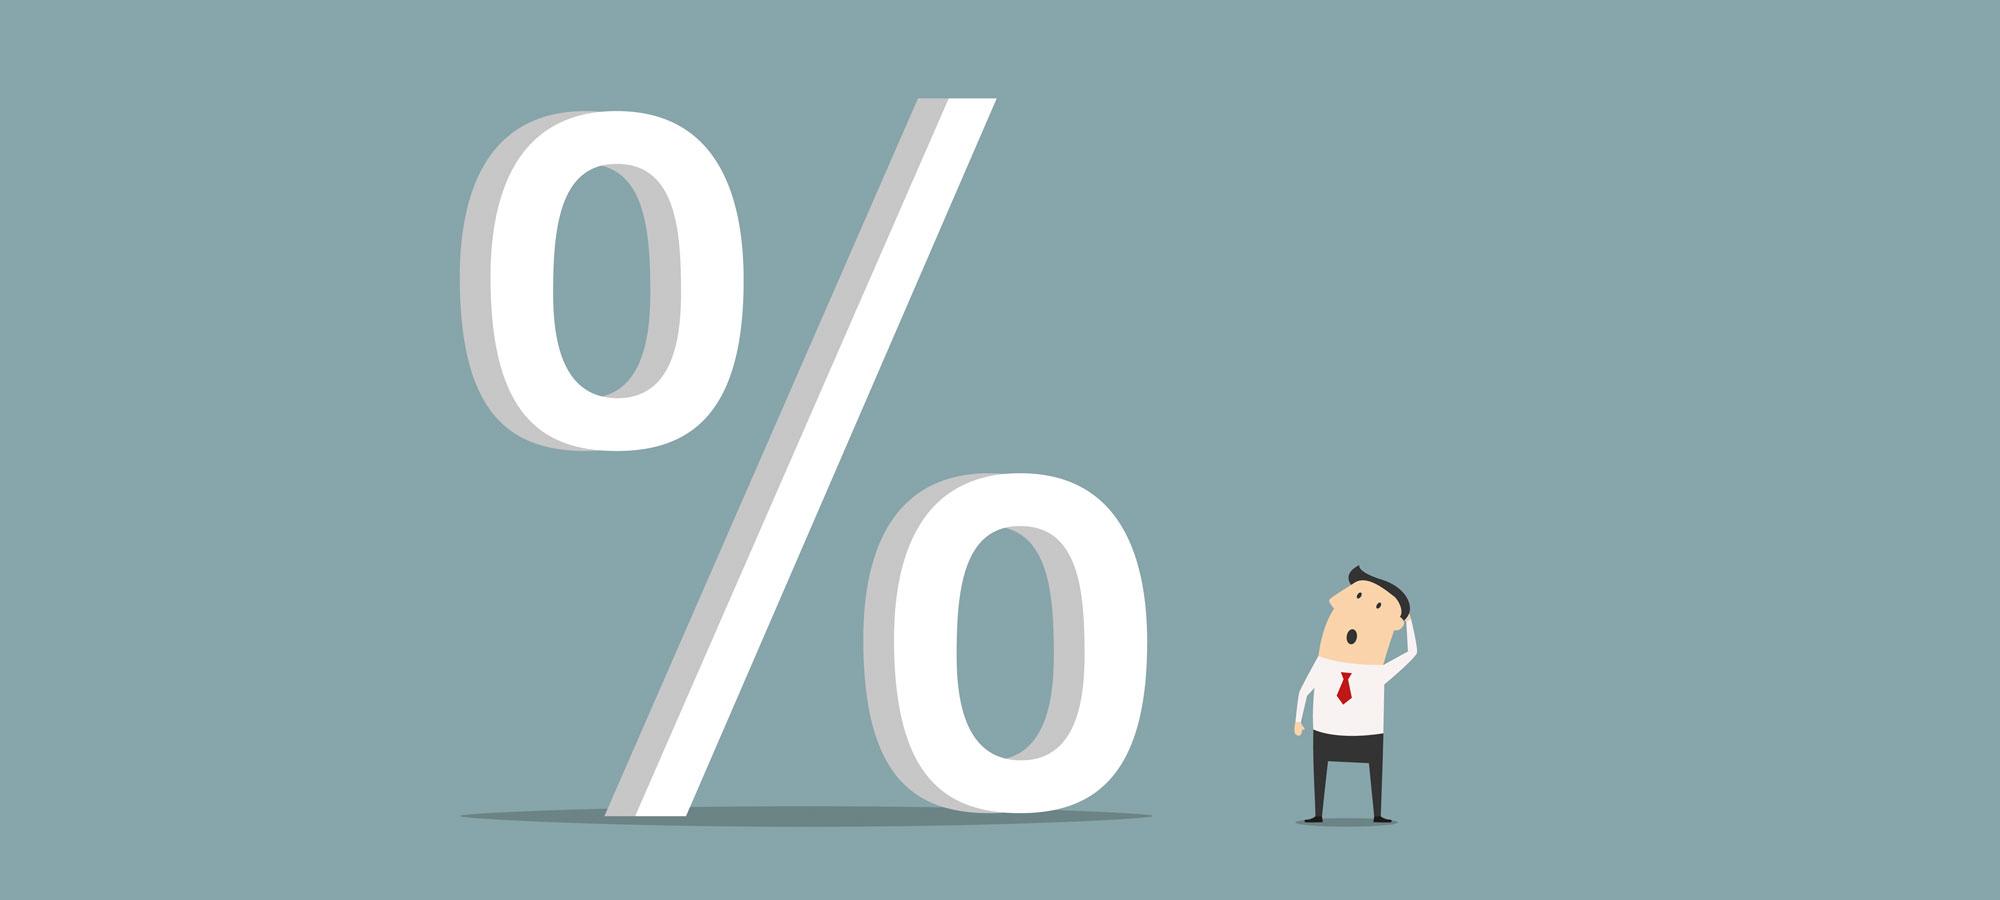 En person som ser forvirret på et prosenttegn